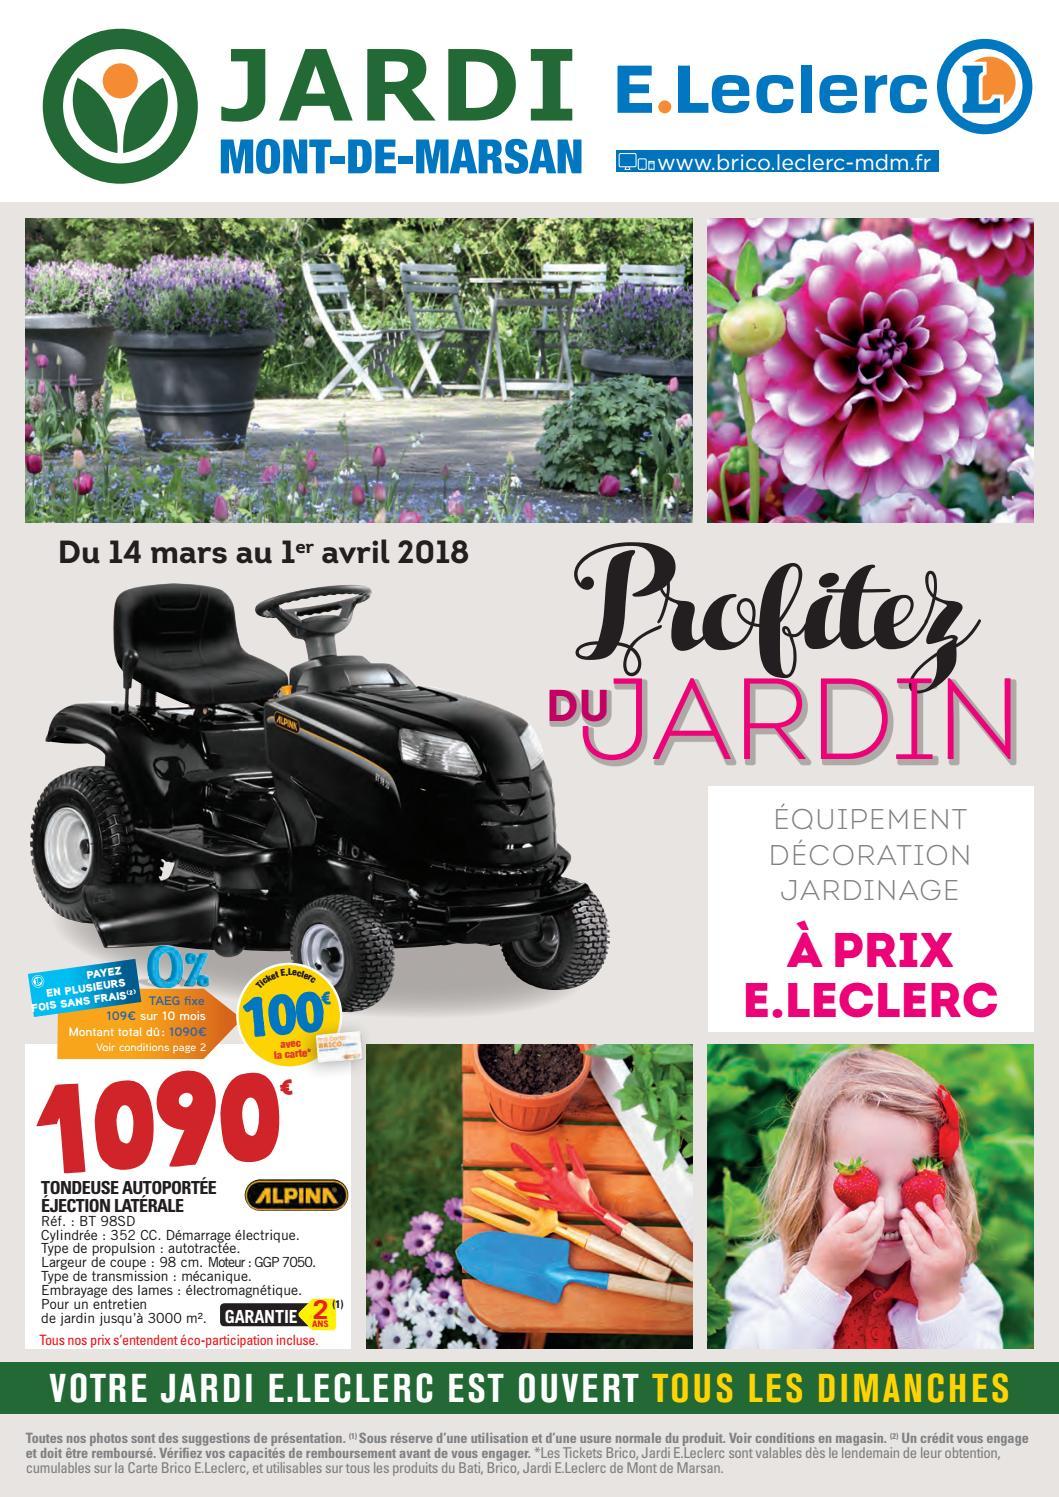 Catalogue Jardin - Jardi E.leclerc By Chou Magazine - Issuu intérieur Piscine Leclerc Hors Sol